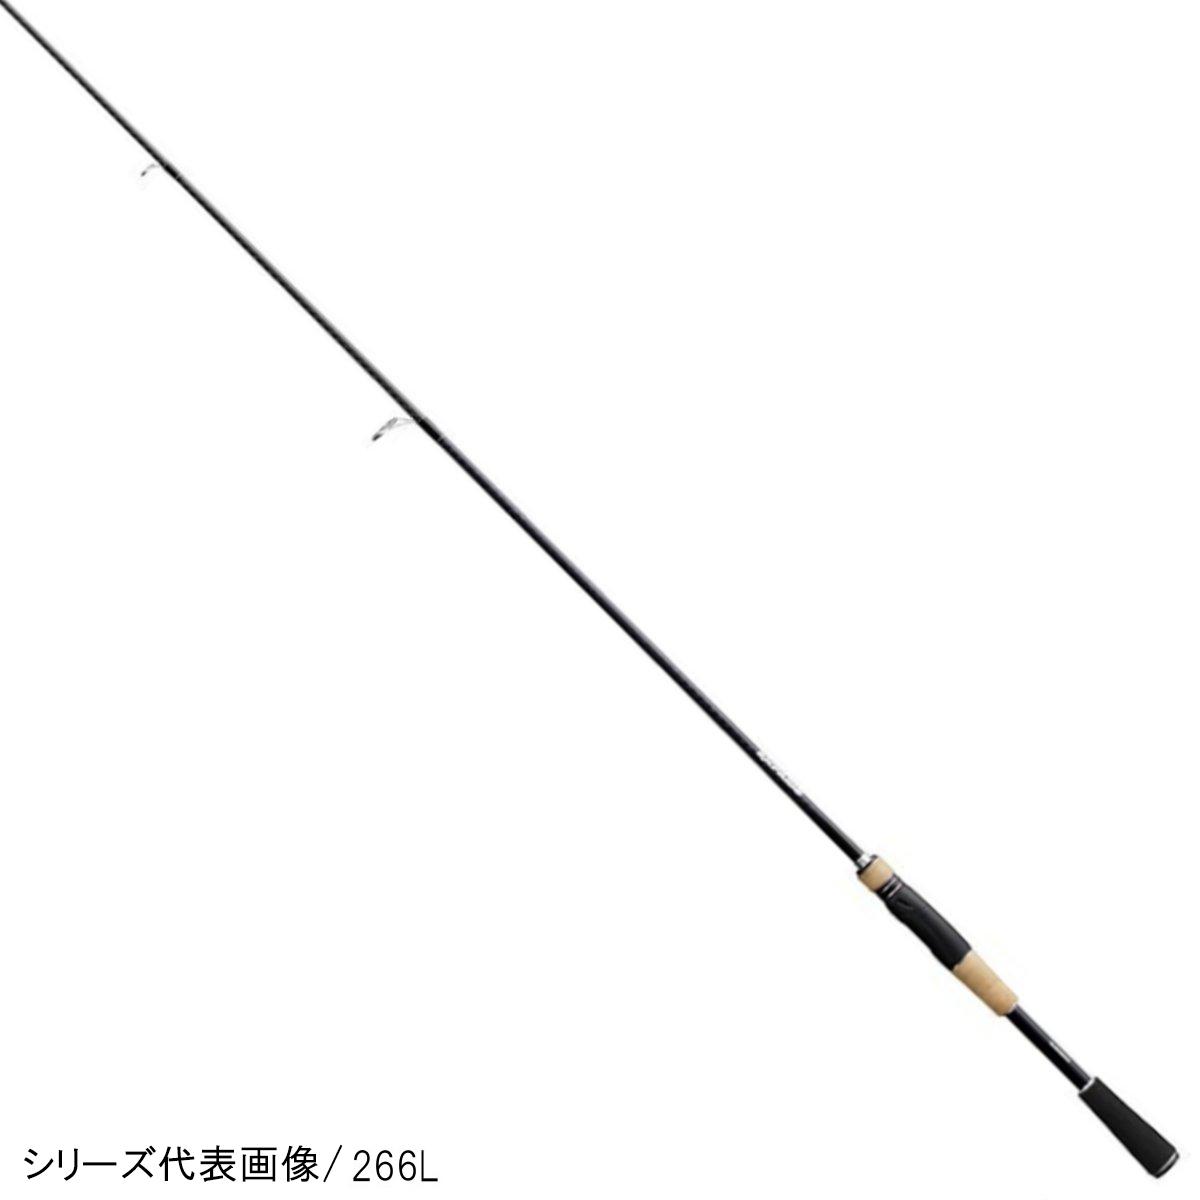 シマノ エクスプライド 264UL【大型商品】